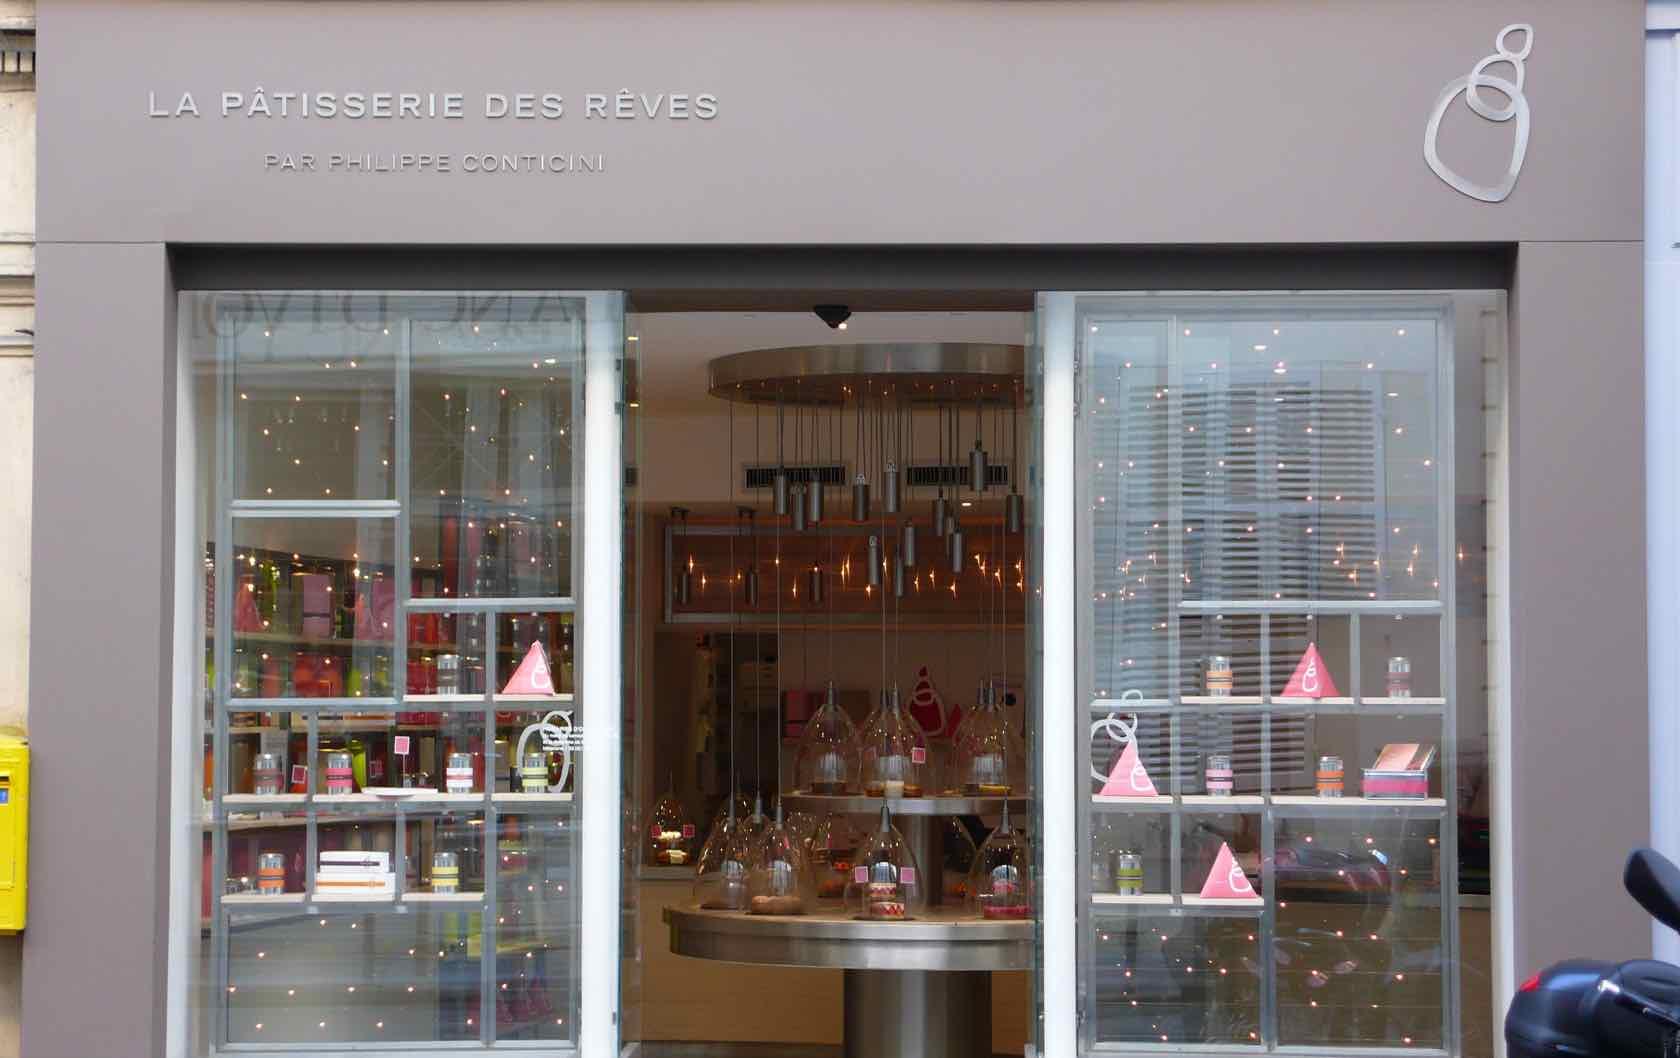 Rue du Bac pastry shop